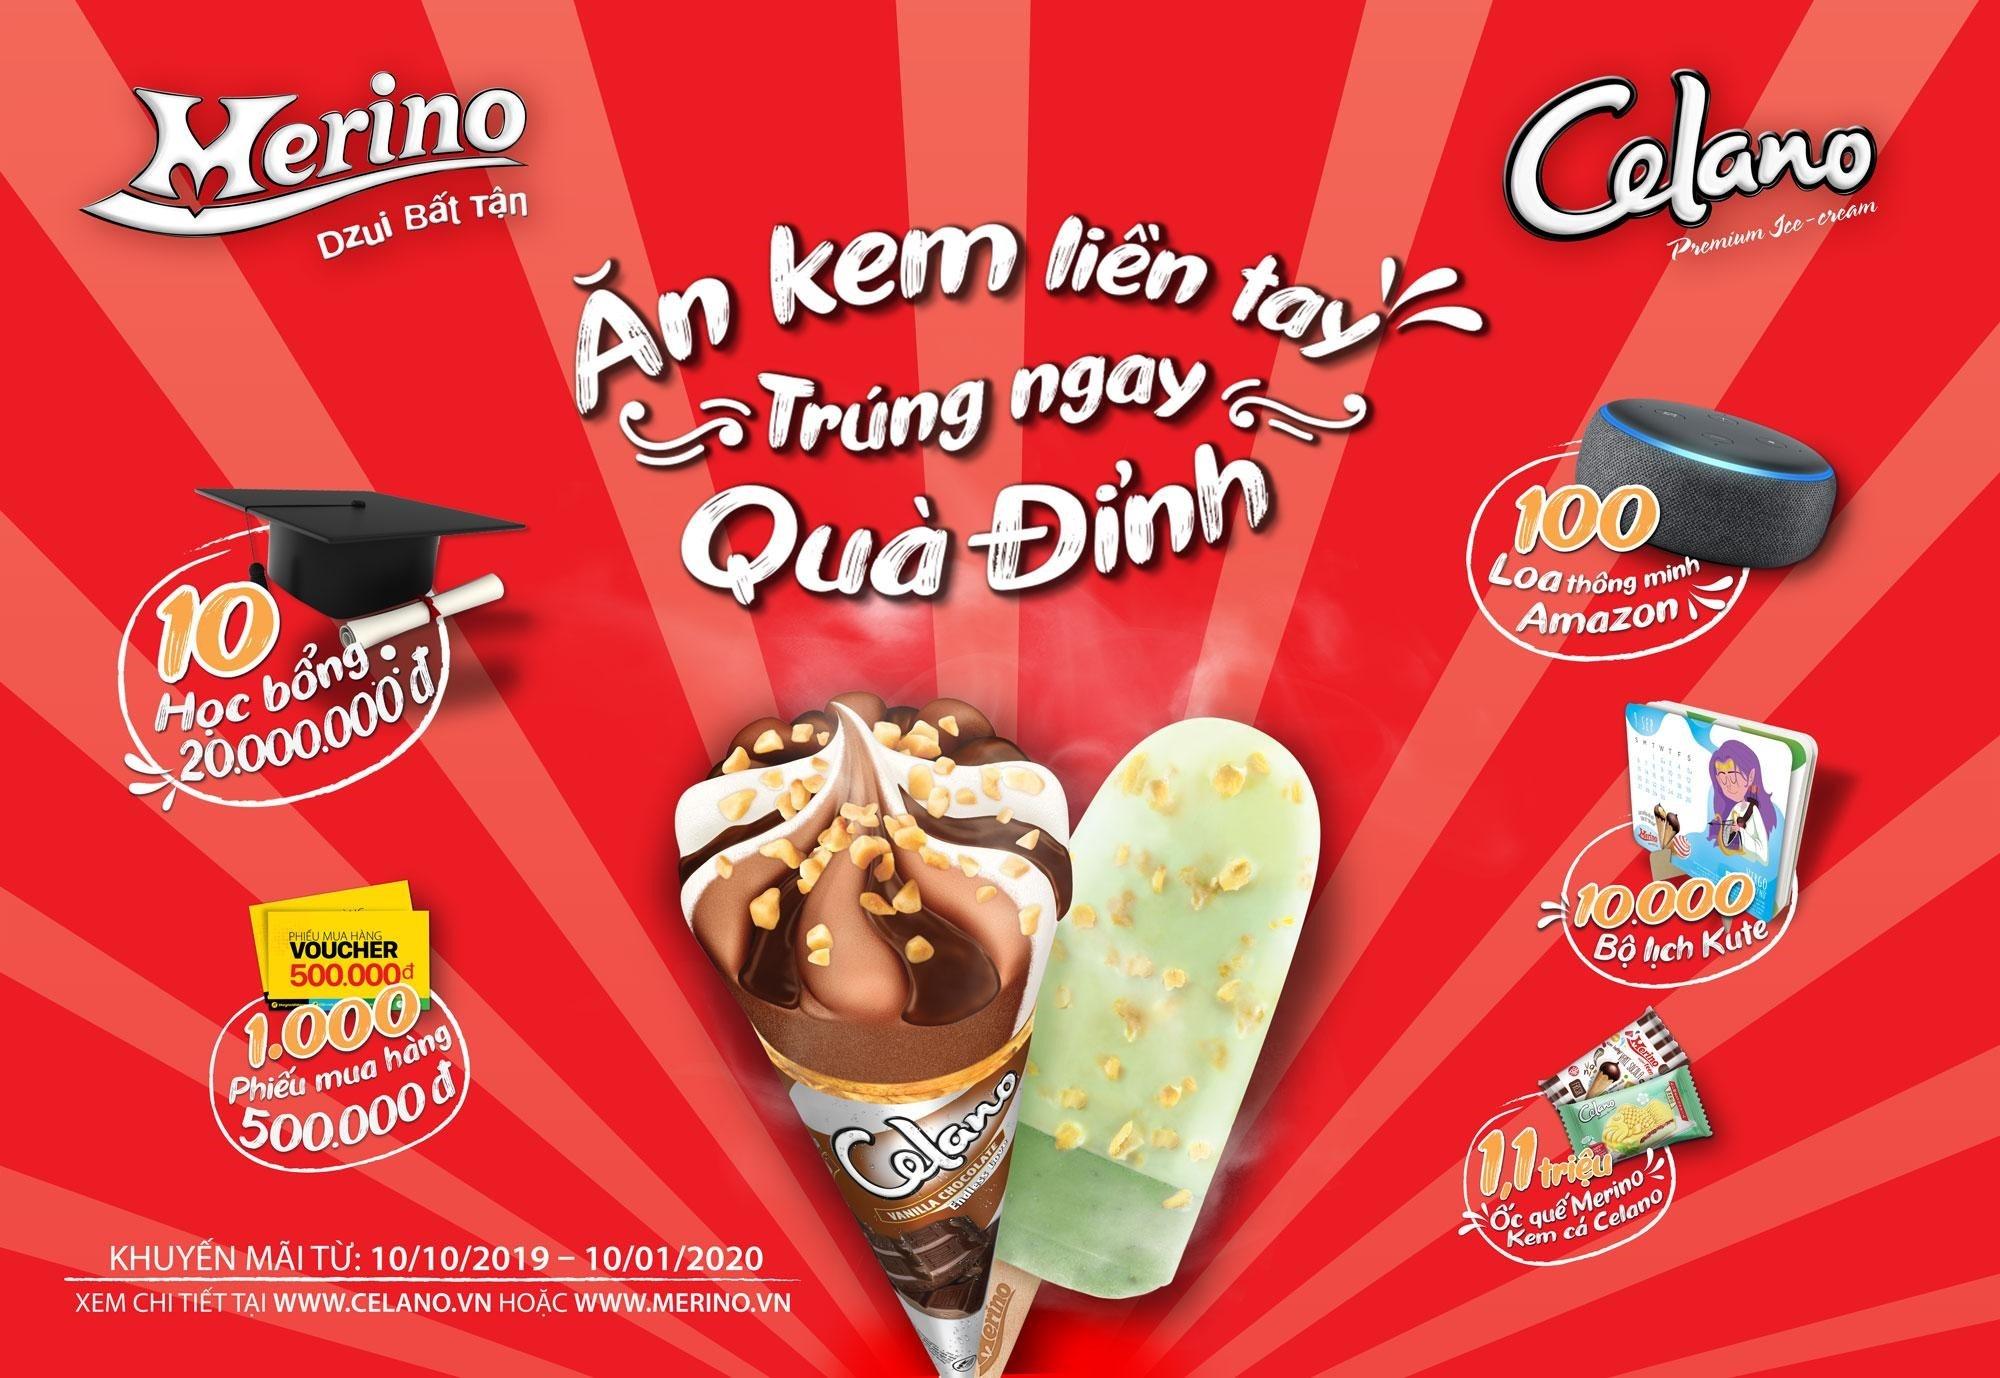 &aposĂn kem liền tay – Trúng ngay quà đỉnh&apos từ Merino và Celano – Thông tin doanh nghiệp – giamcanlamdep.com.vn